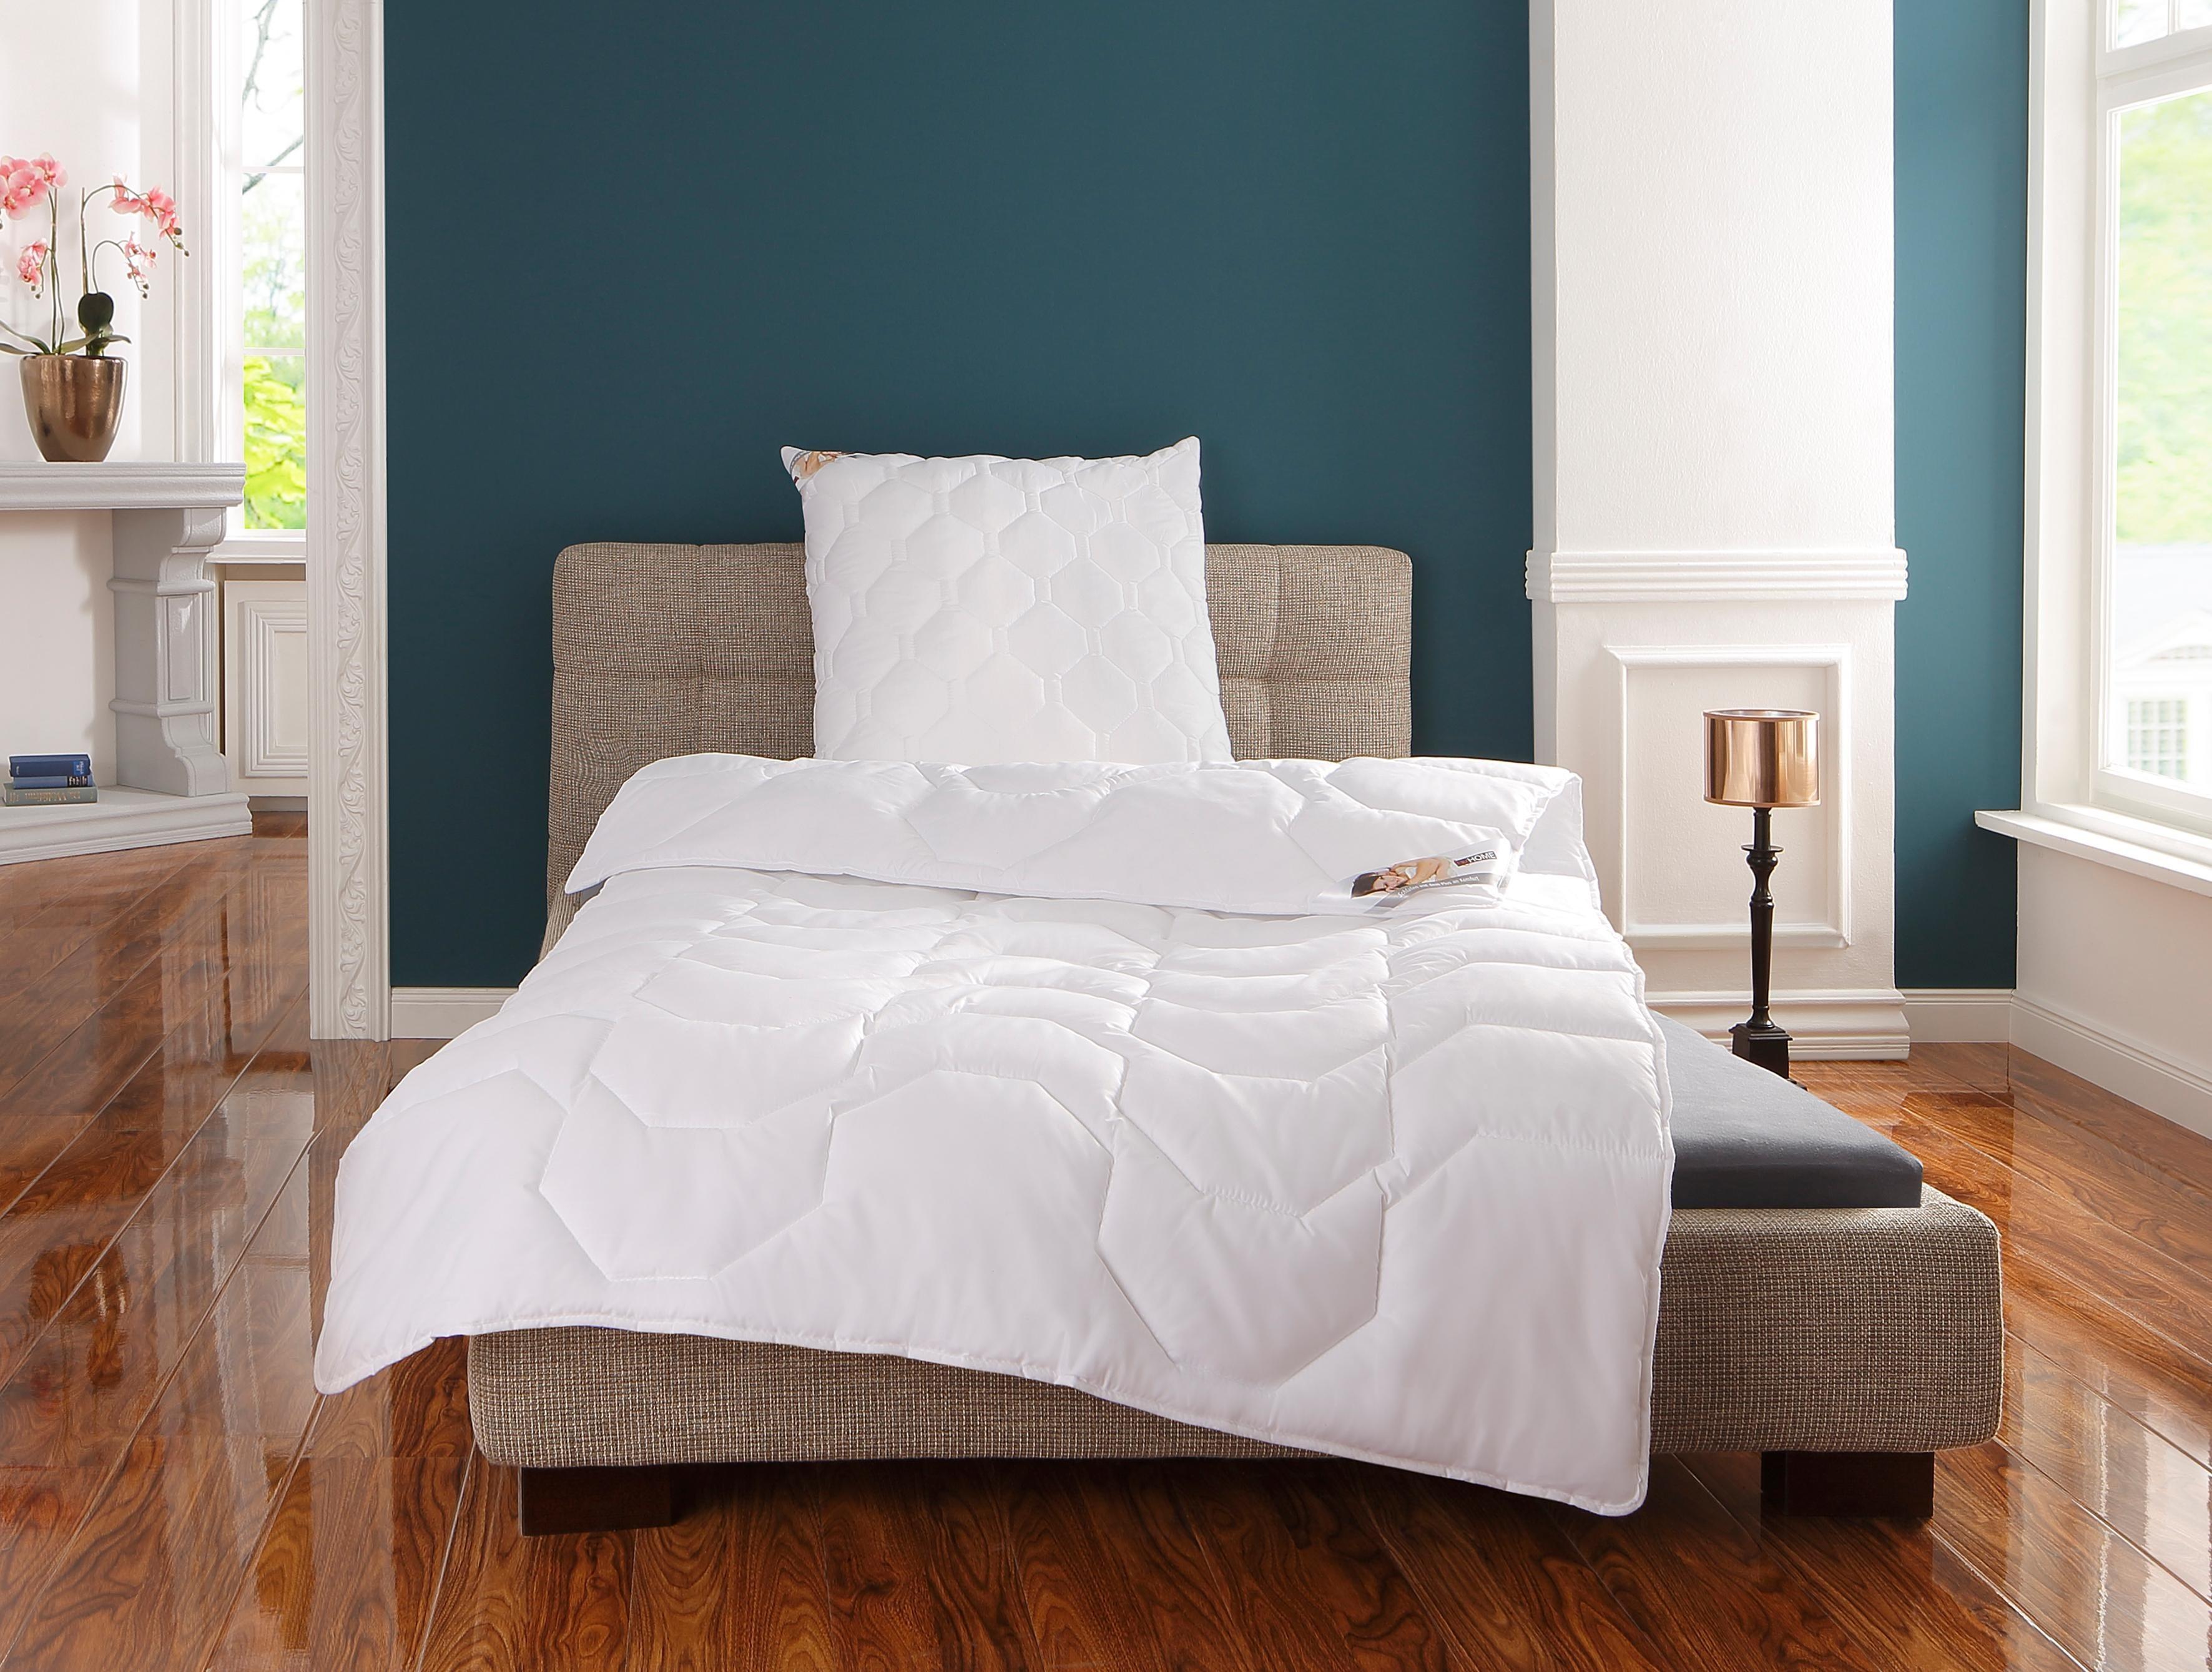 Microfaserbettdecke, »BW70 Kochfest«, my home, leicht, Bezug: 100% Baumwolle, (1-tlg) | Heimtextilien > Decken und Kissen > Bettdecken | my home